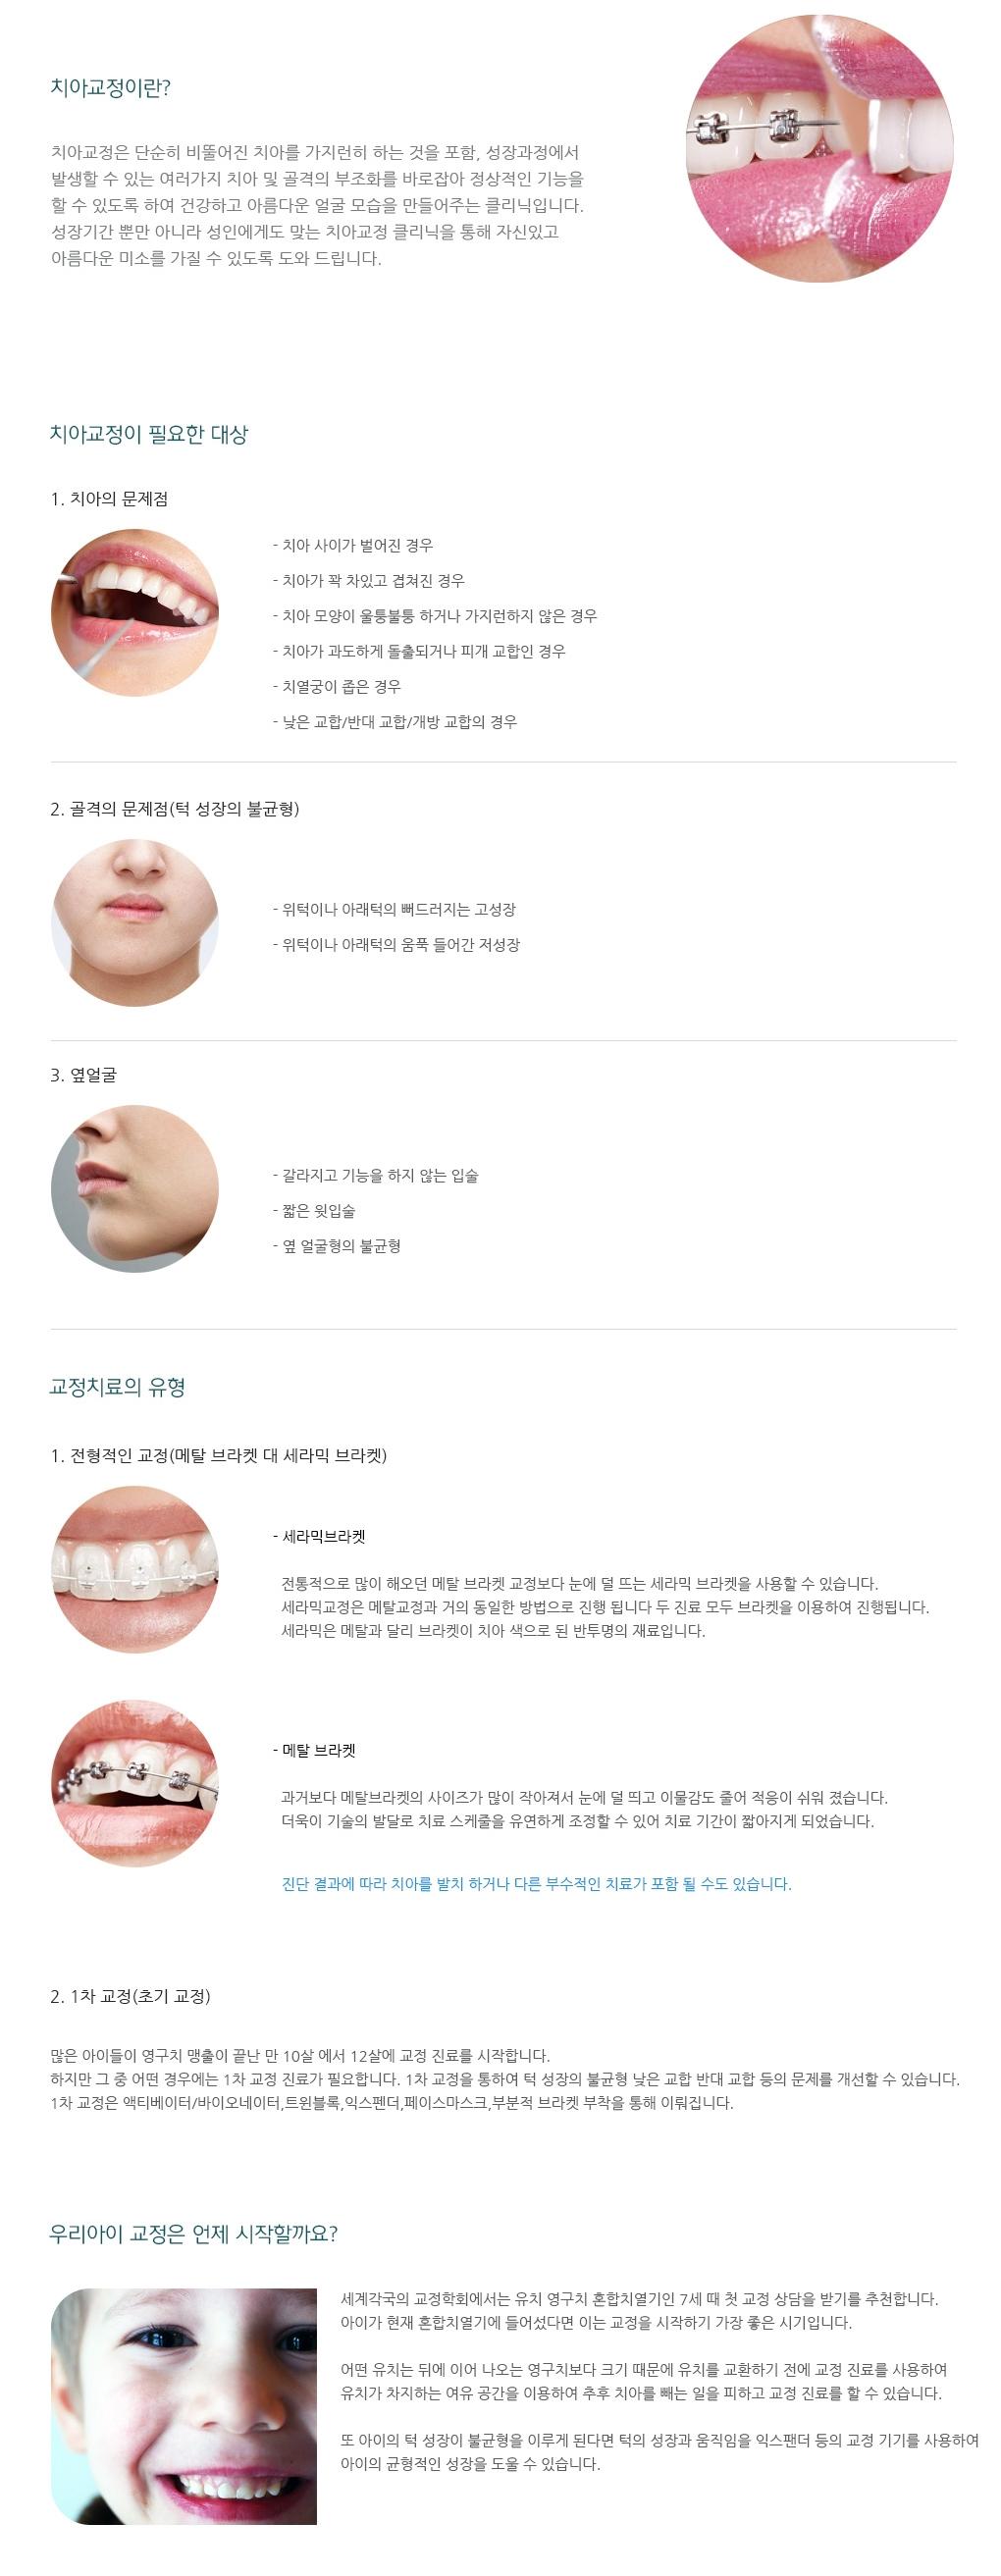 치아교정이란? - 치아교정은 단순히 삐뚤어진 치아를 가지런히 하는 것을 포함, 성장과정에서 발생할 수 있는 여러 가지 치아 및 골격의 부조화를 바로잡아 정상적인 기능을 할 수 있도록 하여 건강하고 아름다운 얼굴 모습을 만들어주는 클리닉입니다.성장기간 뿐만 아니라 성인에게도 맞는 치아교정 클리닉을 통해 자신있고 아름다운 미소를 가질 수 있도록 도와 드립니다. 교정치료의 유형 - 1.전형적인 교정(메탈 브라켓 대 세라믹 브라켓) 2.1차 교정(초기교정)